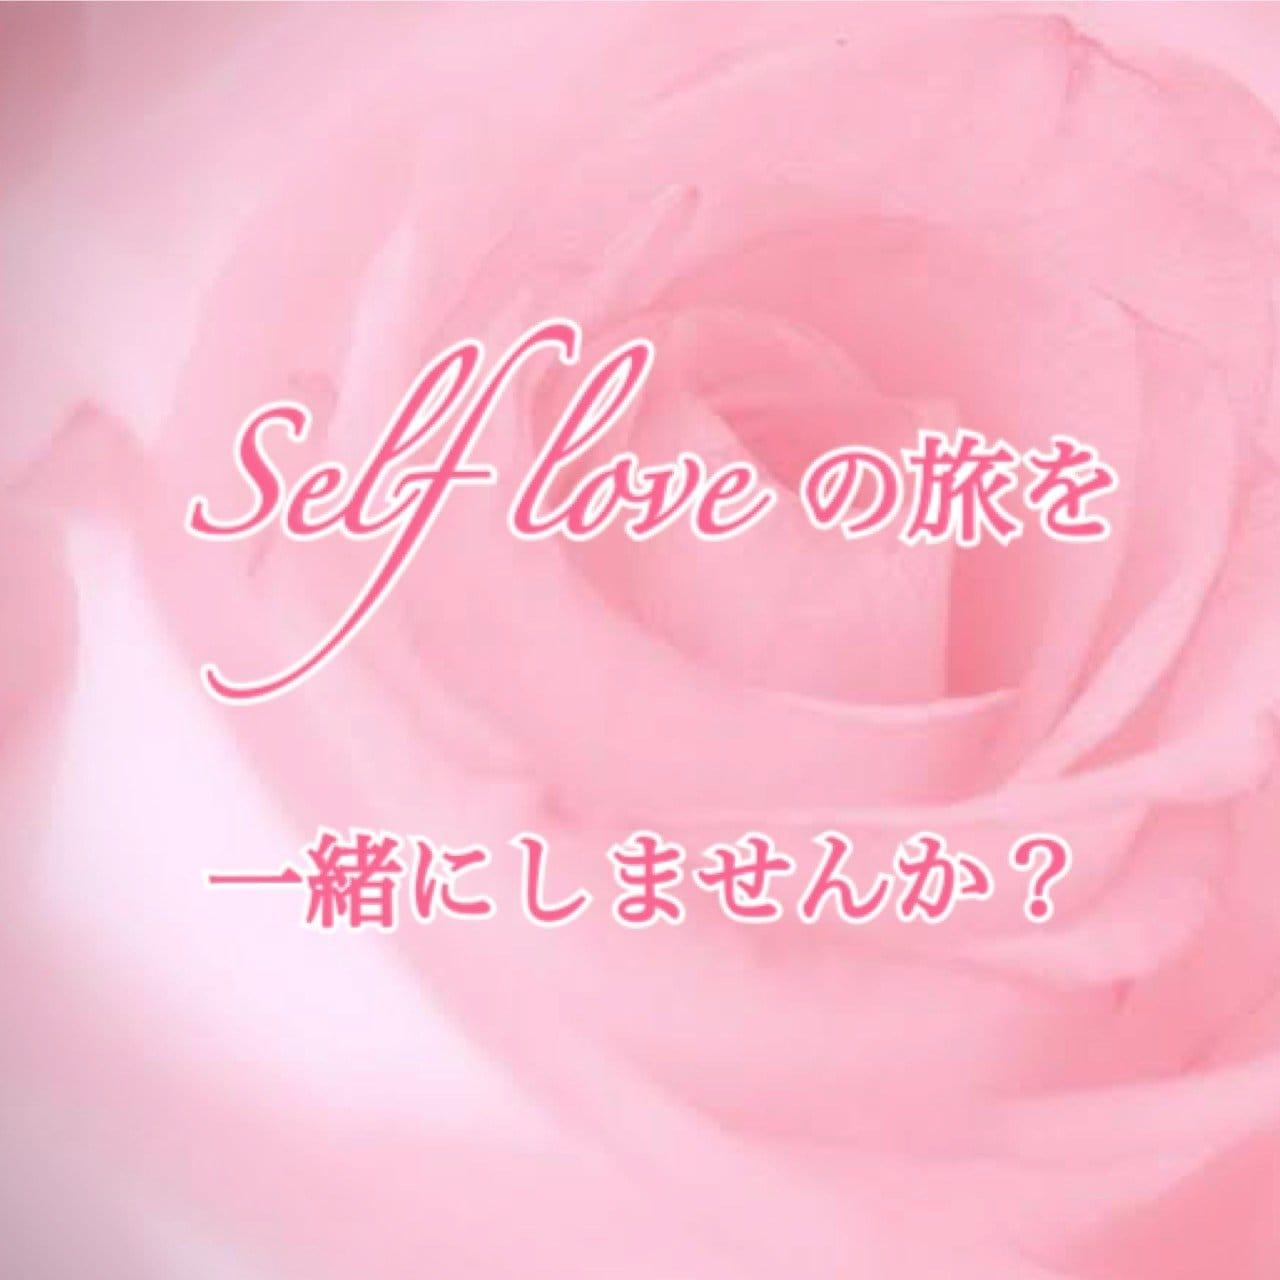 【〜Self Love〜  しあわせと愛の学び編 】在りたい自分で在るためのインナービューティーマインド講座のイメージその3